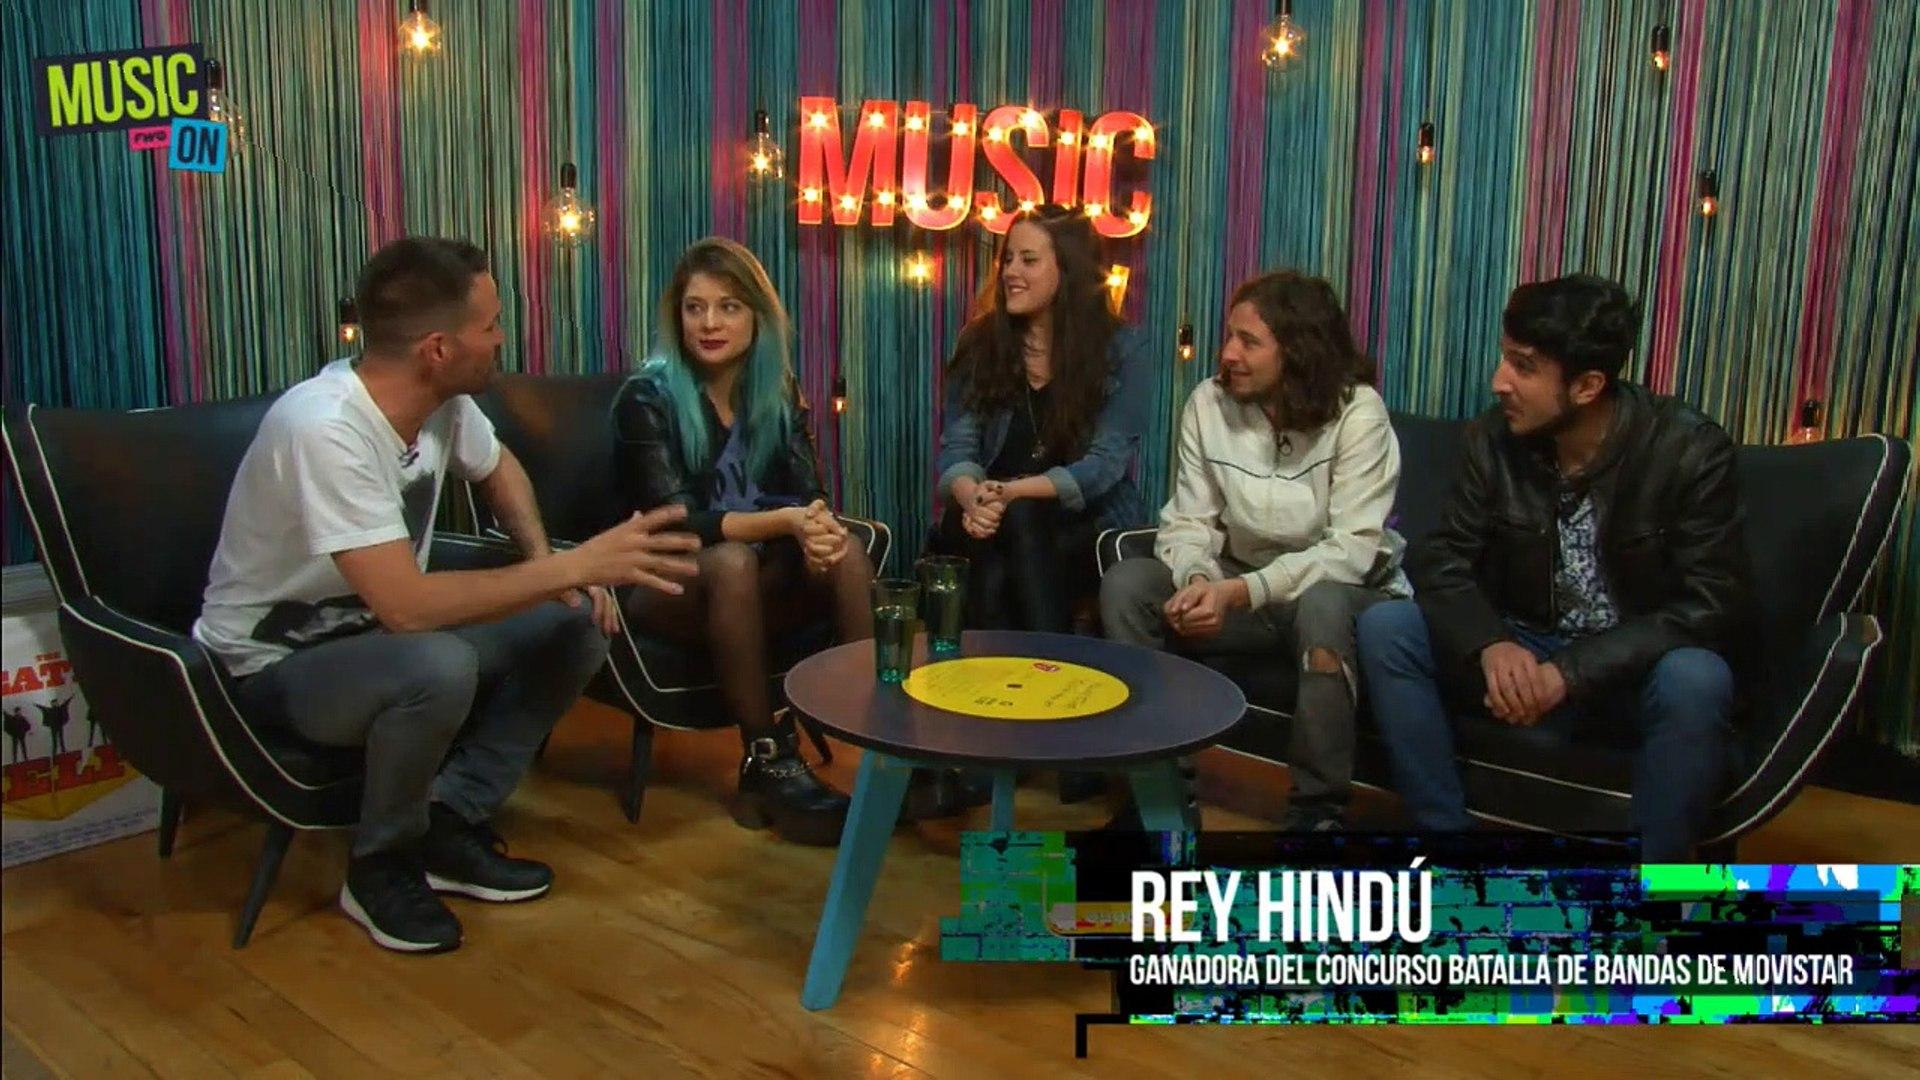 Entrevista con Rey Hindu, banda ganadora de la Batalla de Bandas Movistar